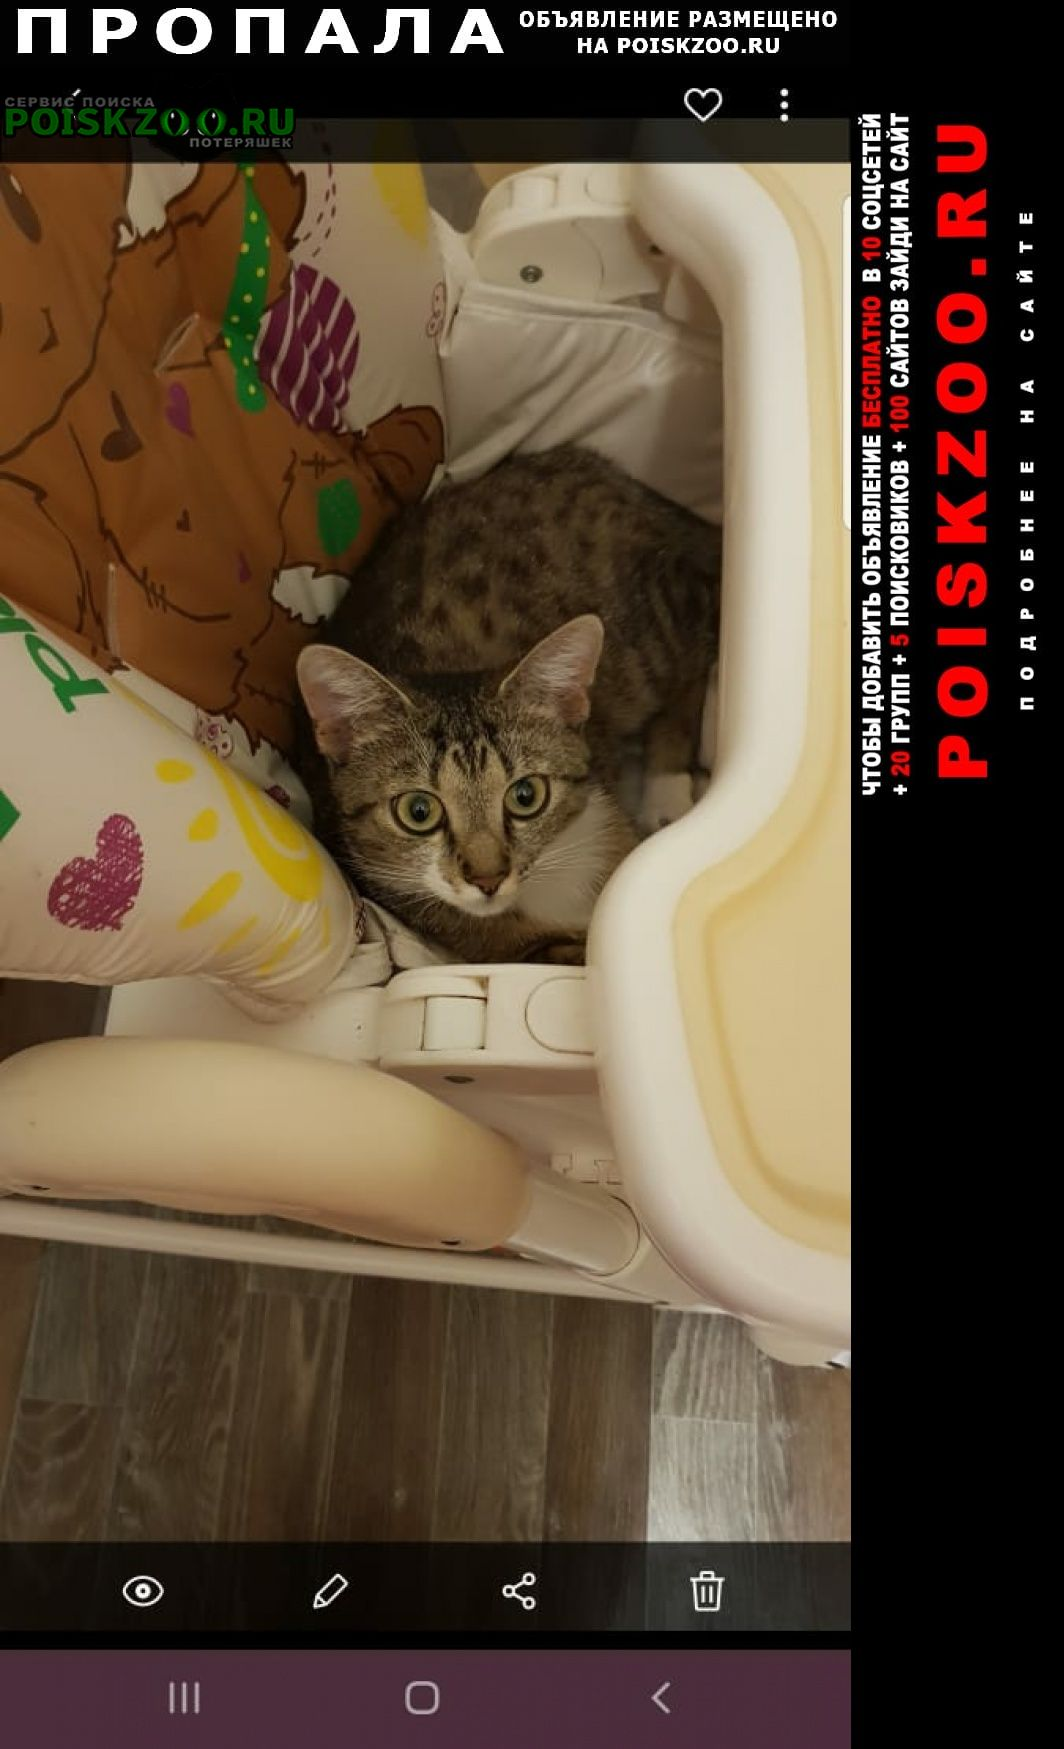 Пропала кошка Калининград (Кенигсберг)